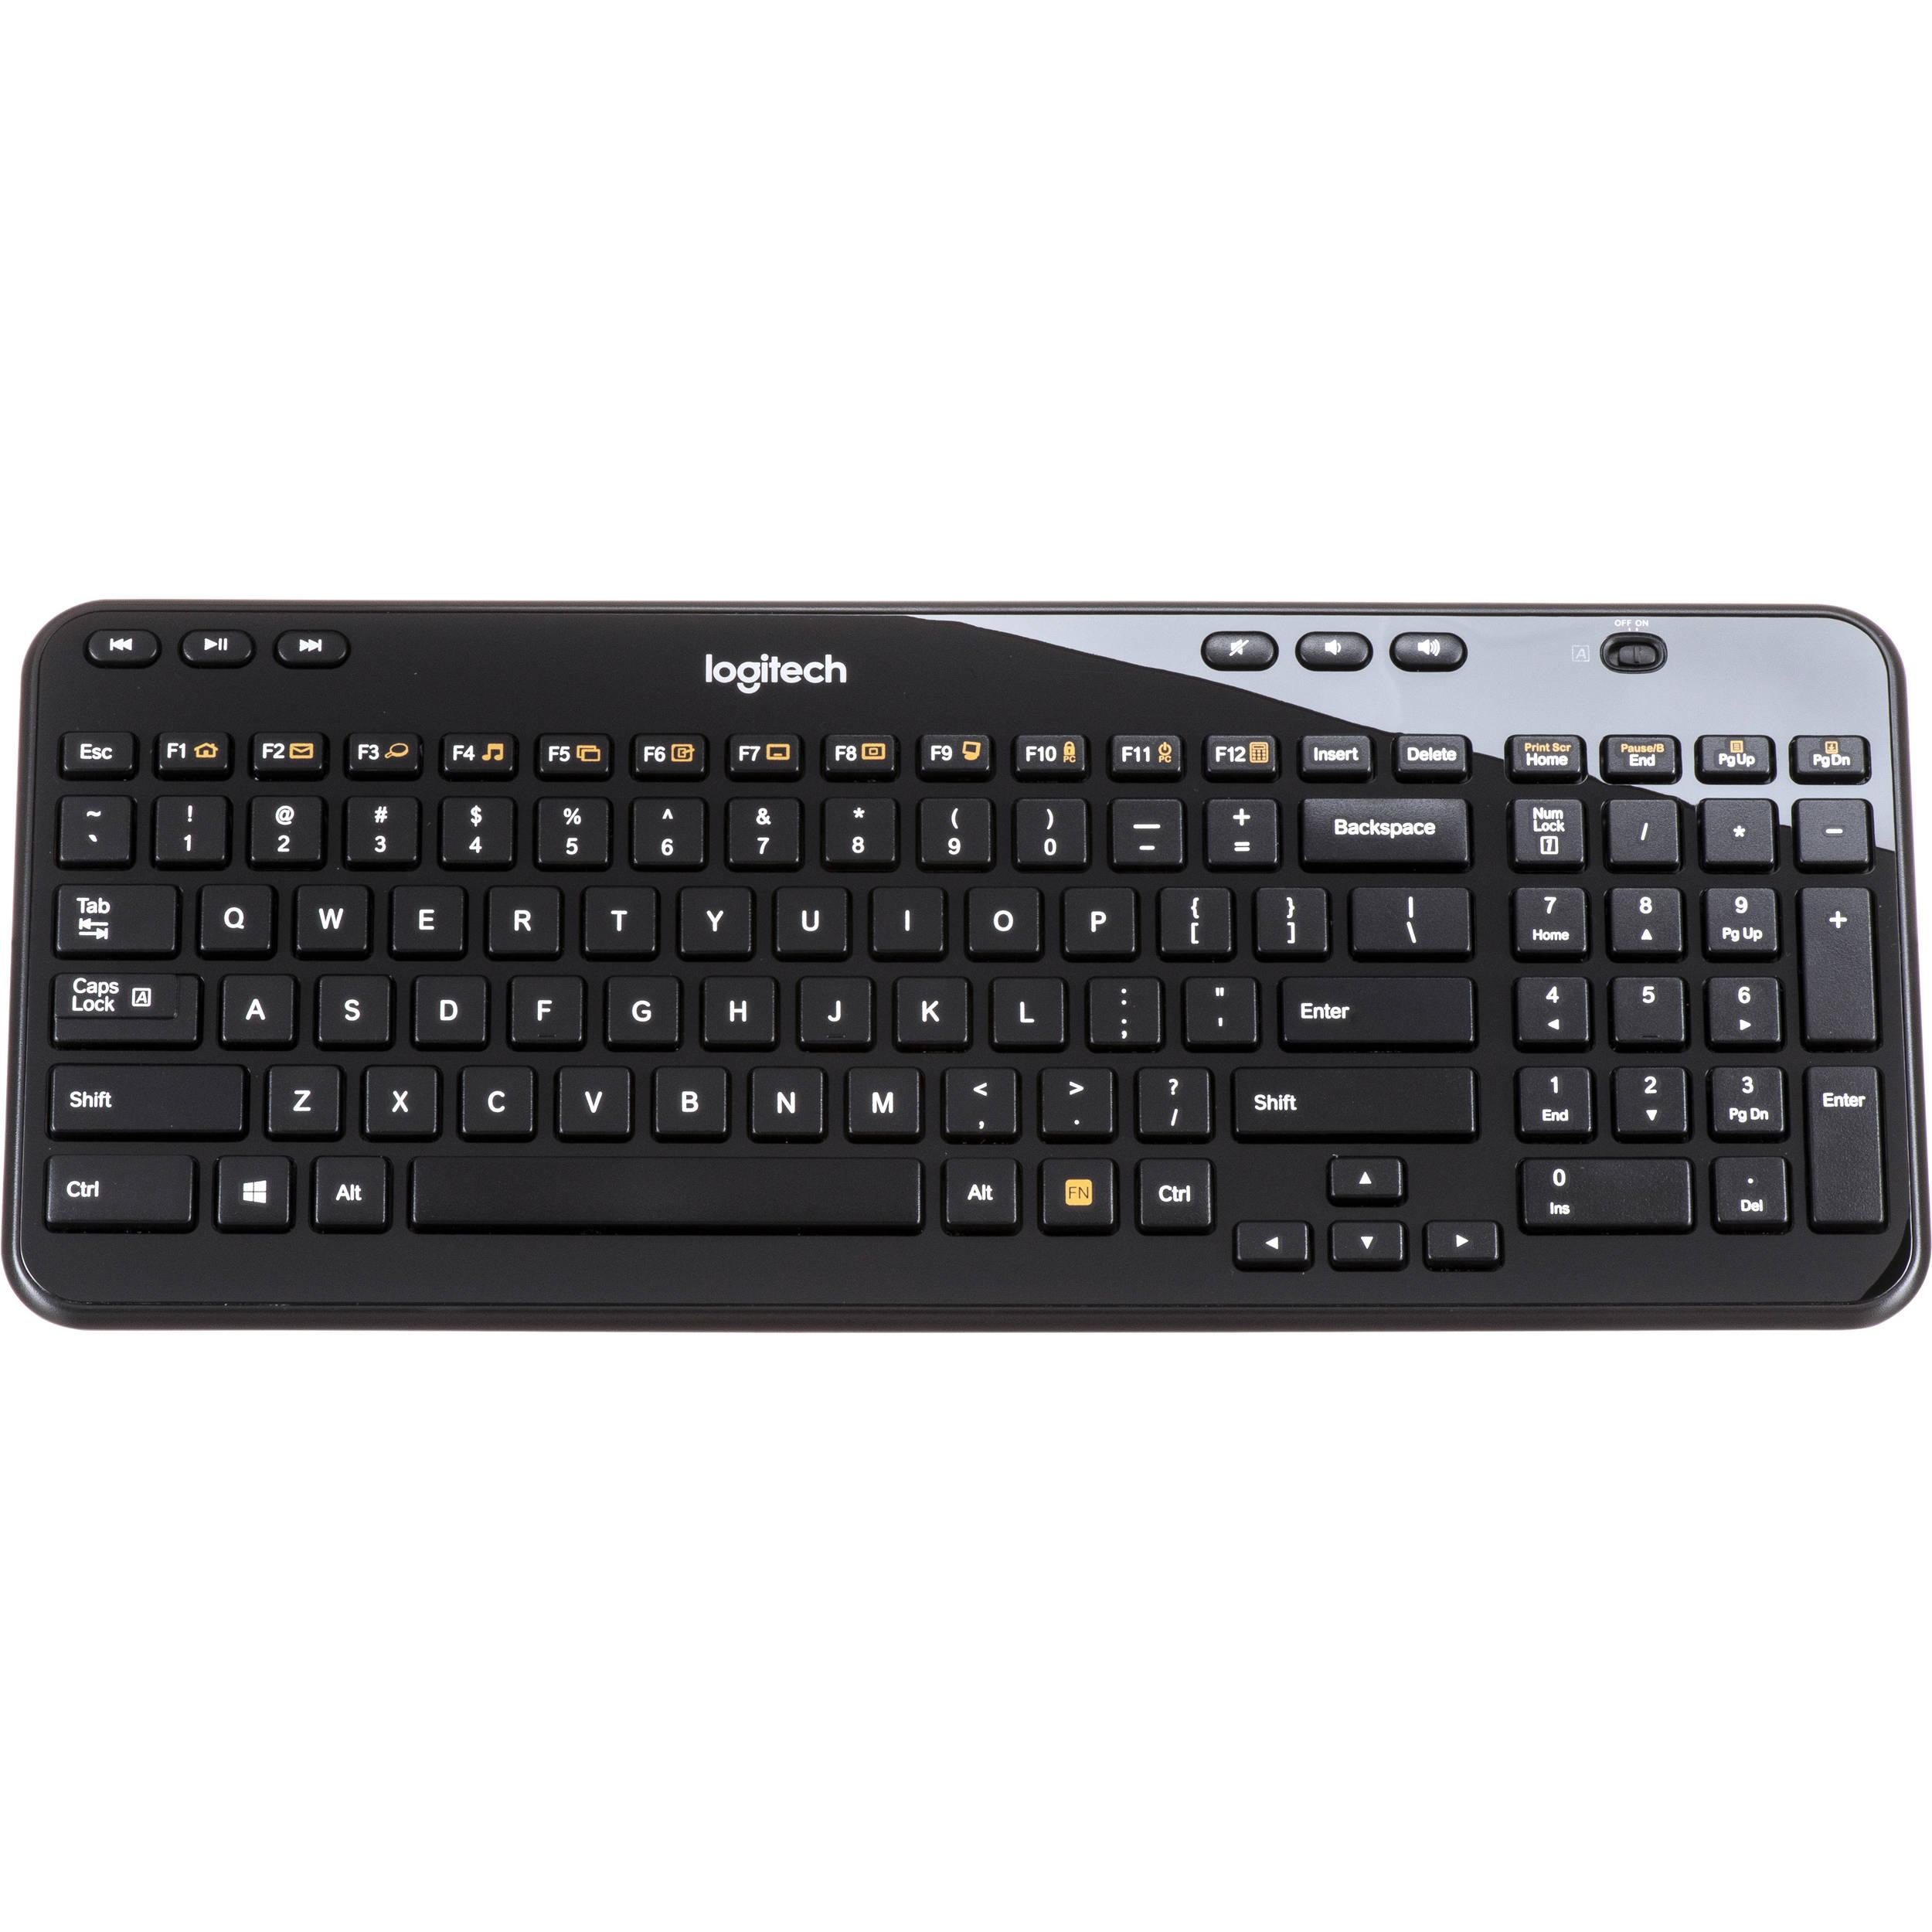 bc55fdcfe31 Logitech K360 Wireless Keyboard (Glossy Black) 920-004088 B&H